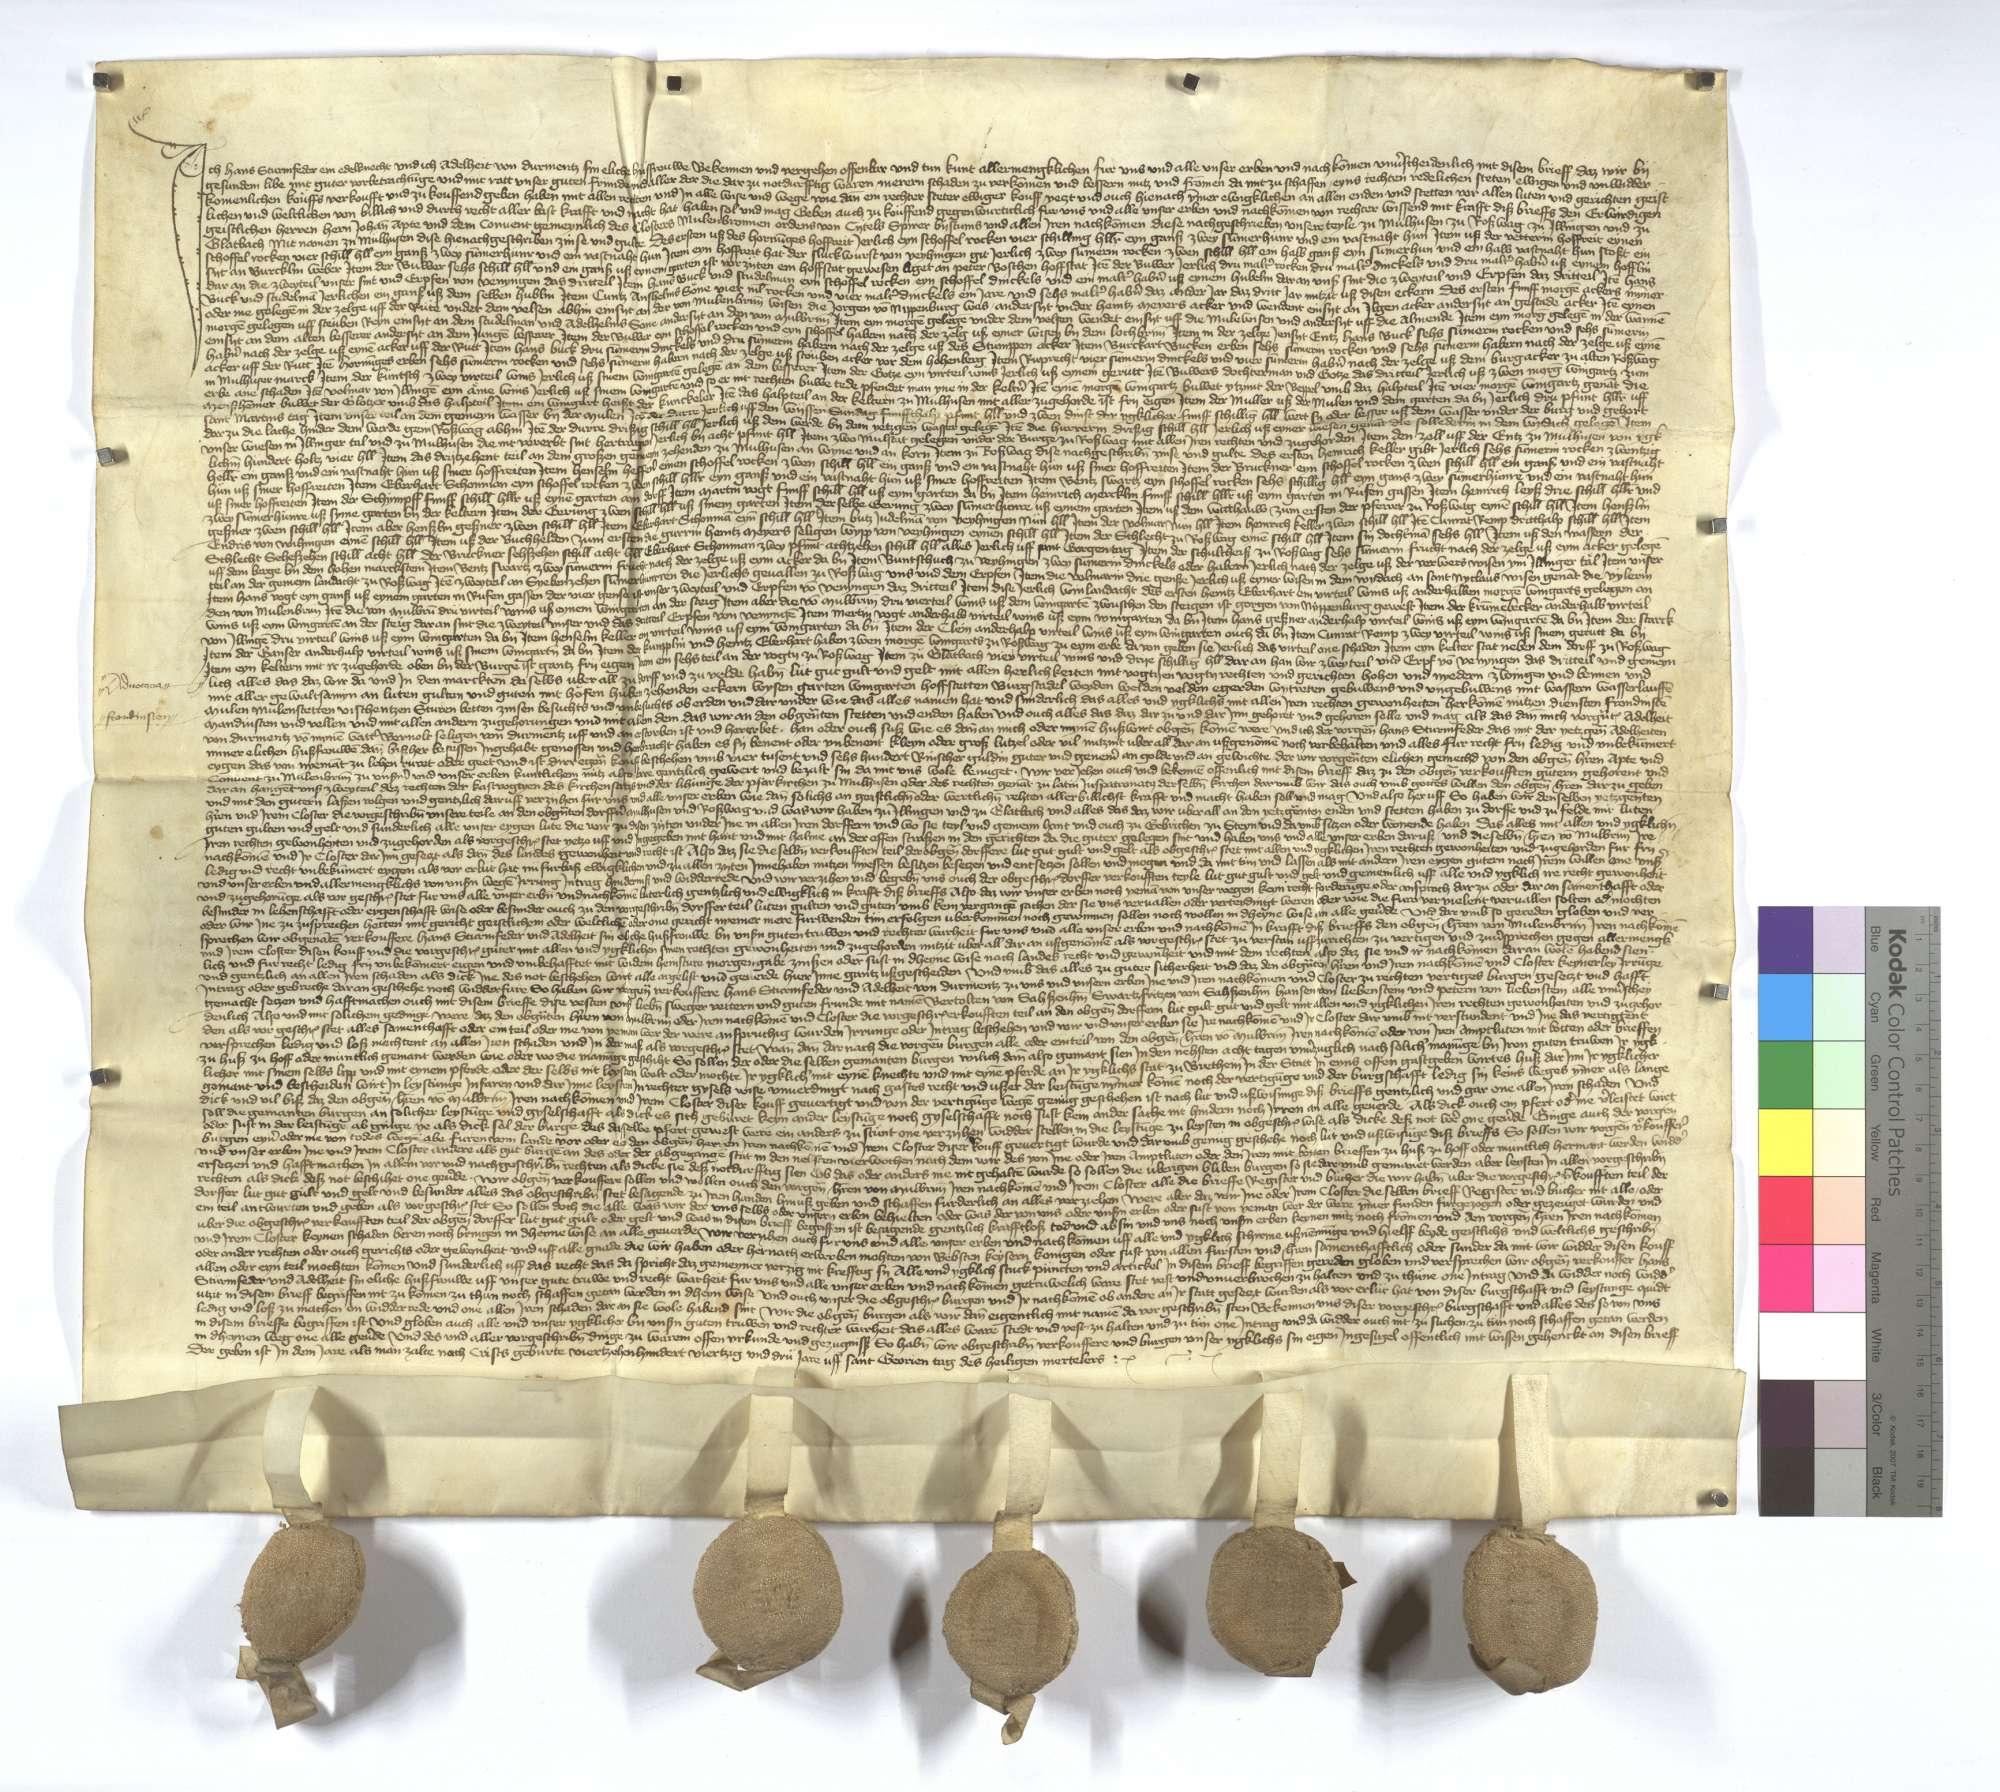 Hans Sturmfeder verkauft dem Kloster Maulbronn seine Obrigkeiten, Gerechtsame, Güter und Gülten in Illingen, Roßwag, Mühlhausen (Mülhausen) und Glattbach für 4.600 Rheinische Gulden., Text